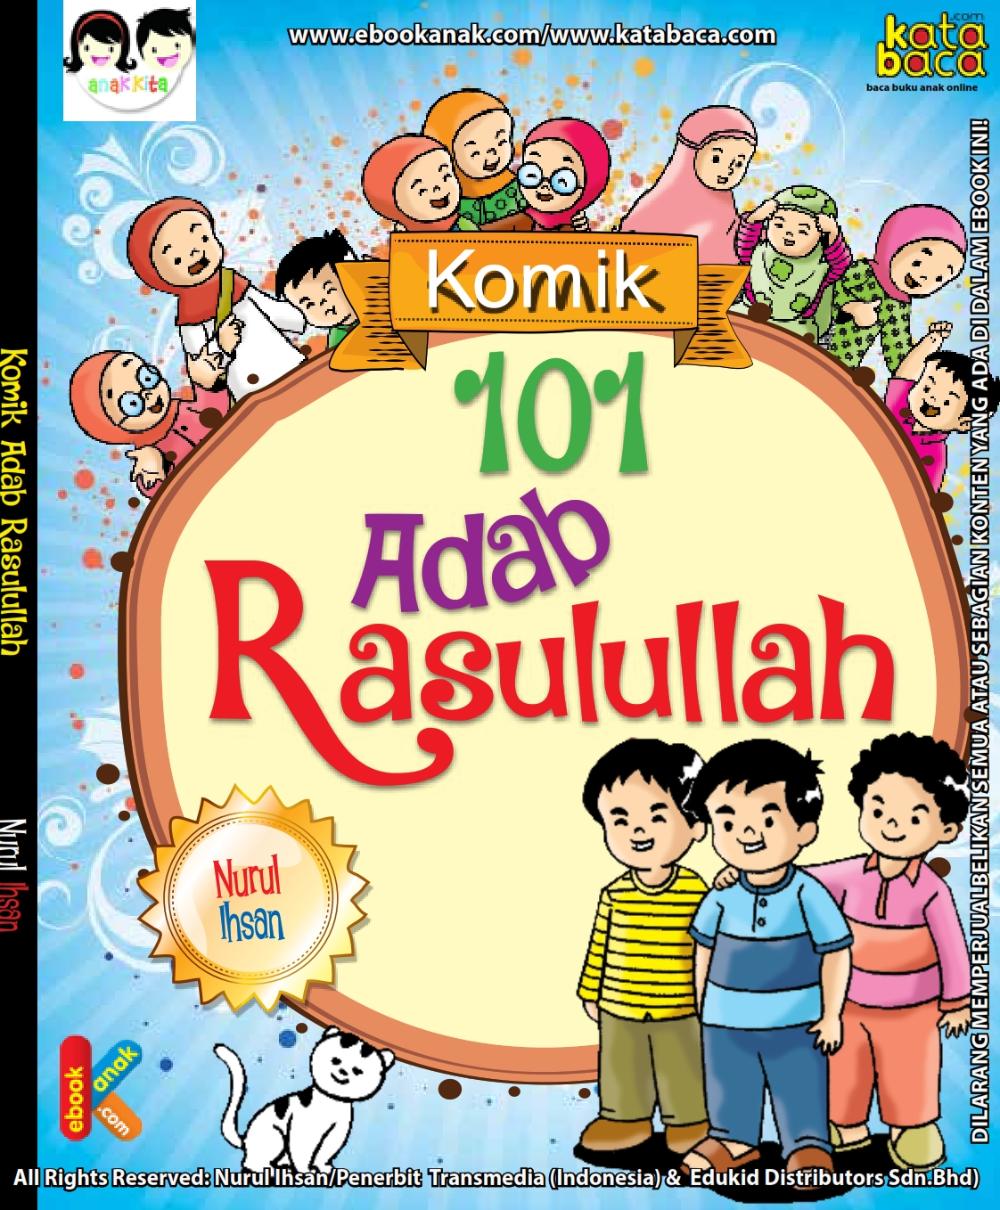 Download Ebook 101 Komik Adab Rasulullah Komik Anak Membaca Buku Pendidikan